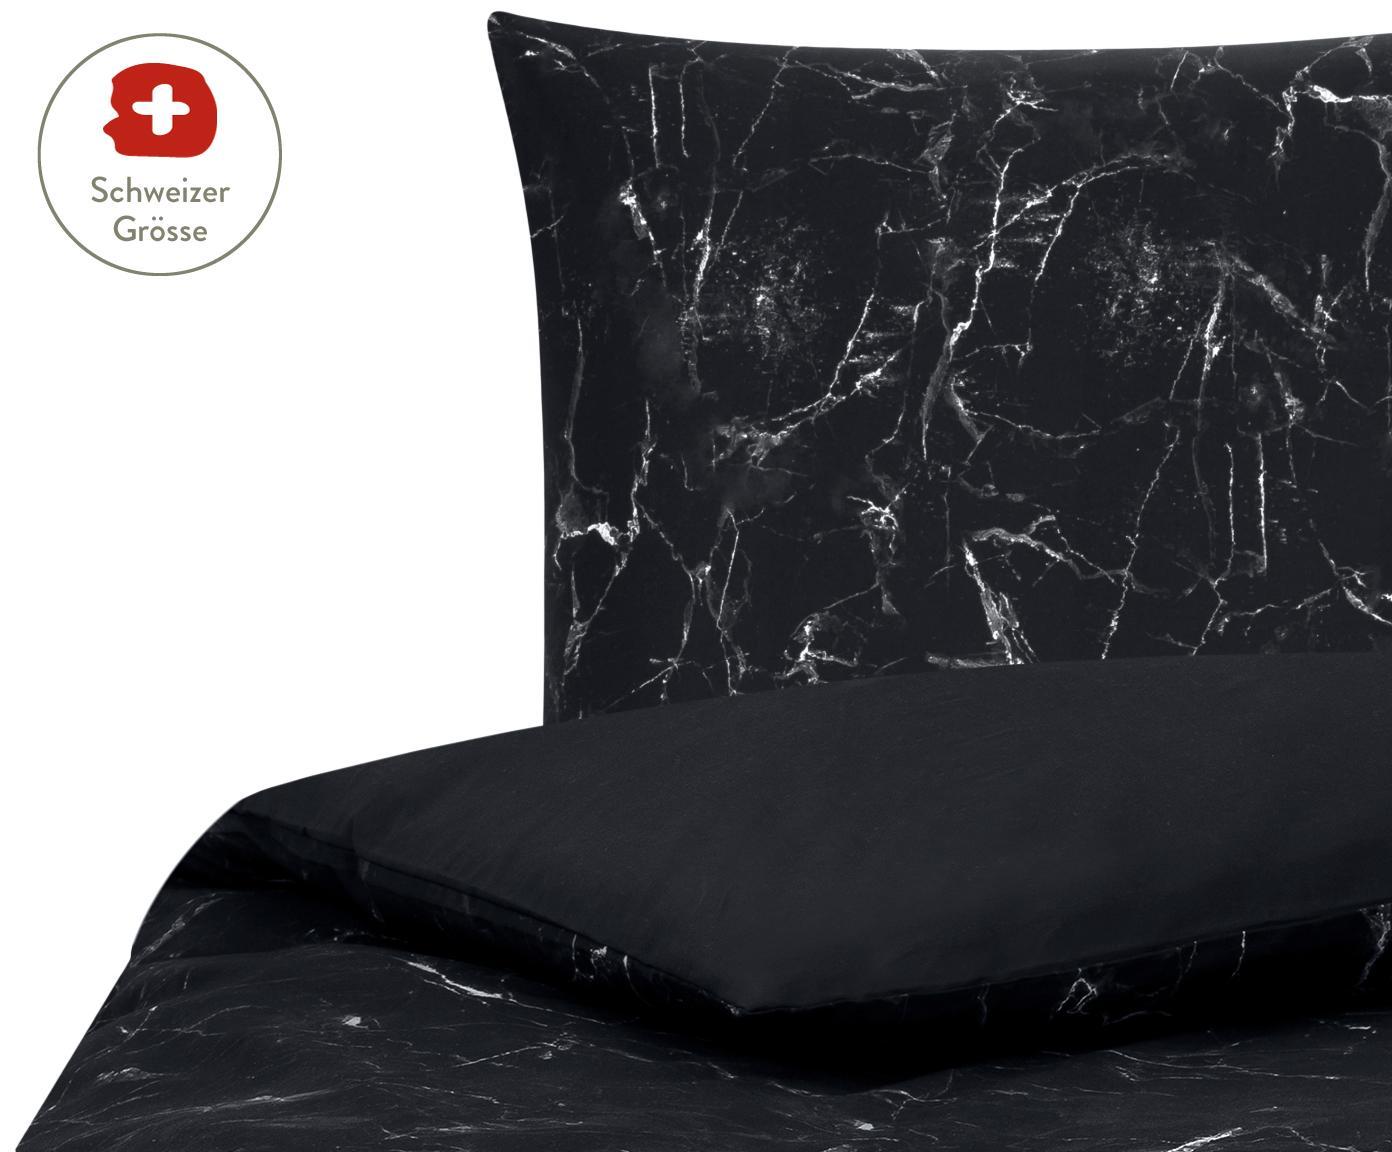 Wendebettdeckenbezug Malin mit Marmor-Muster, Webart: Perkal Fadendichte 200 TC, Schwarz, Weiss, 160 x 210 cm